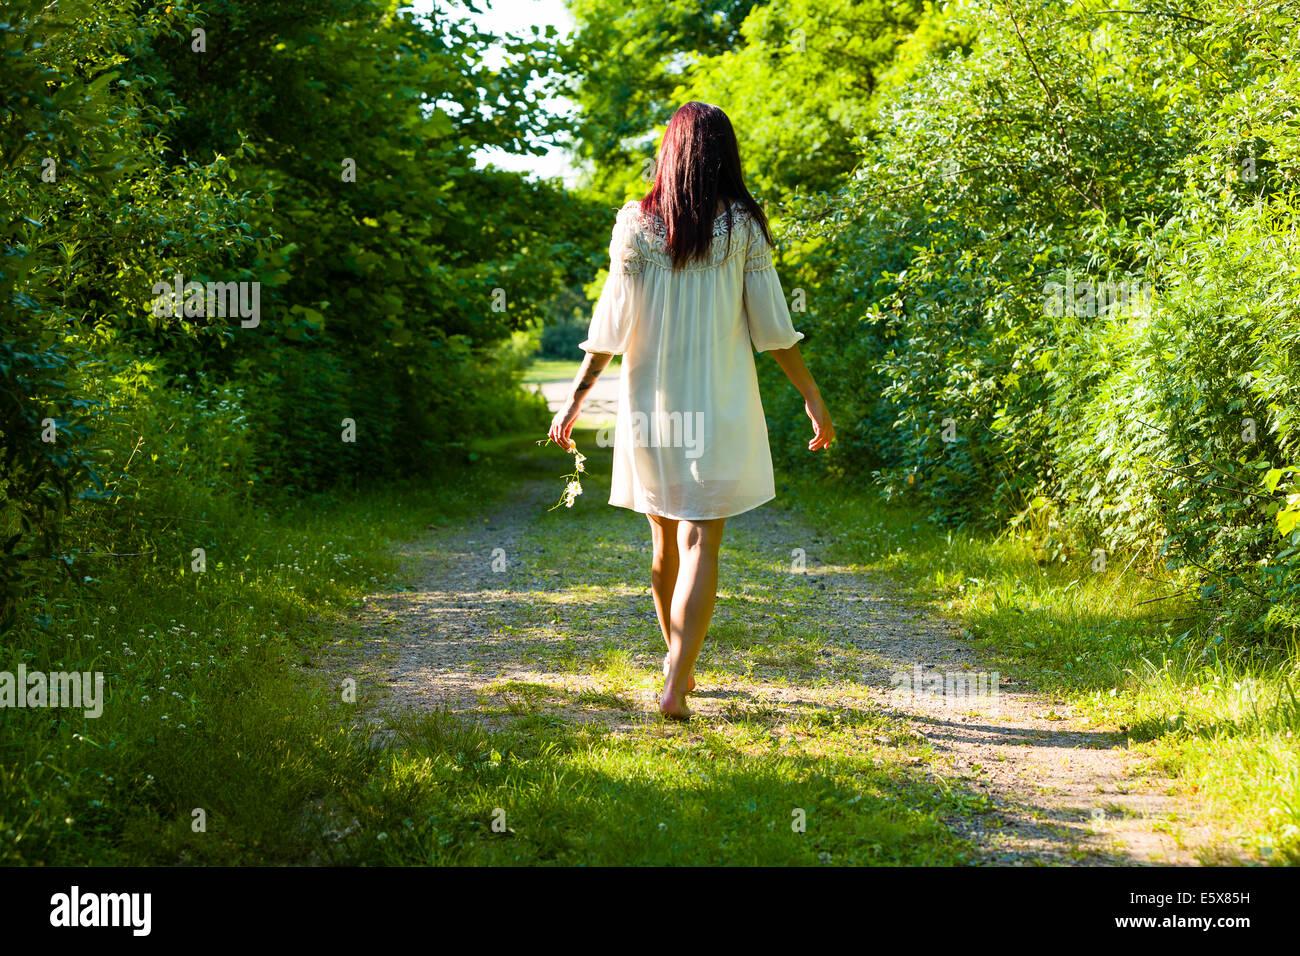 Vista posteriore del giovane donna passeggiando a piedi nudi lungo la pista rurale, Delaware Canal del parco statale Immagini Stock